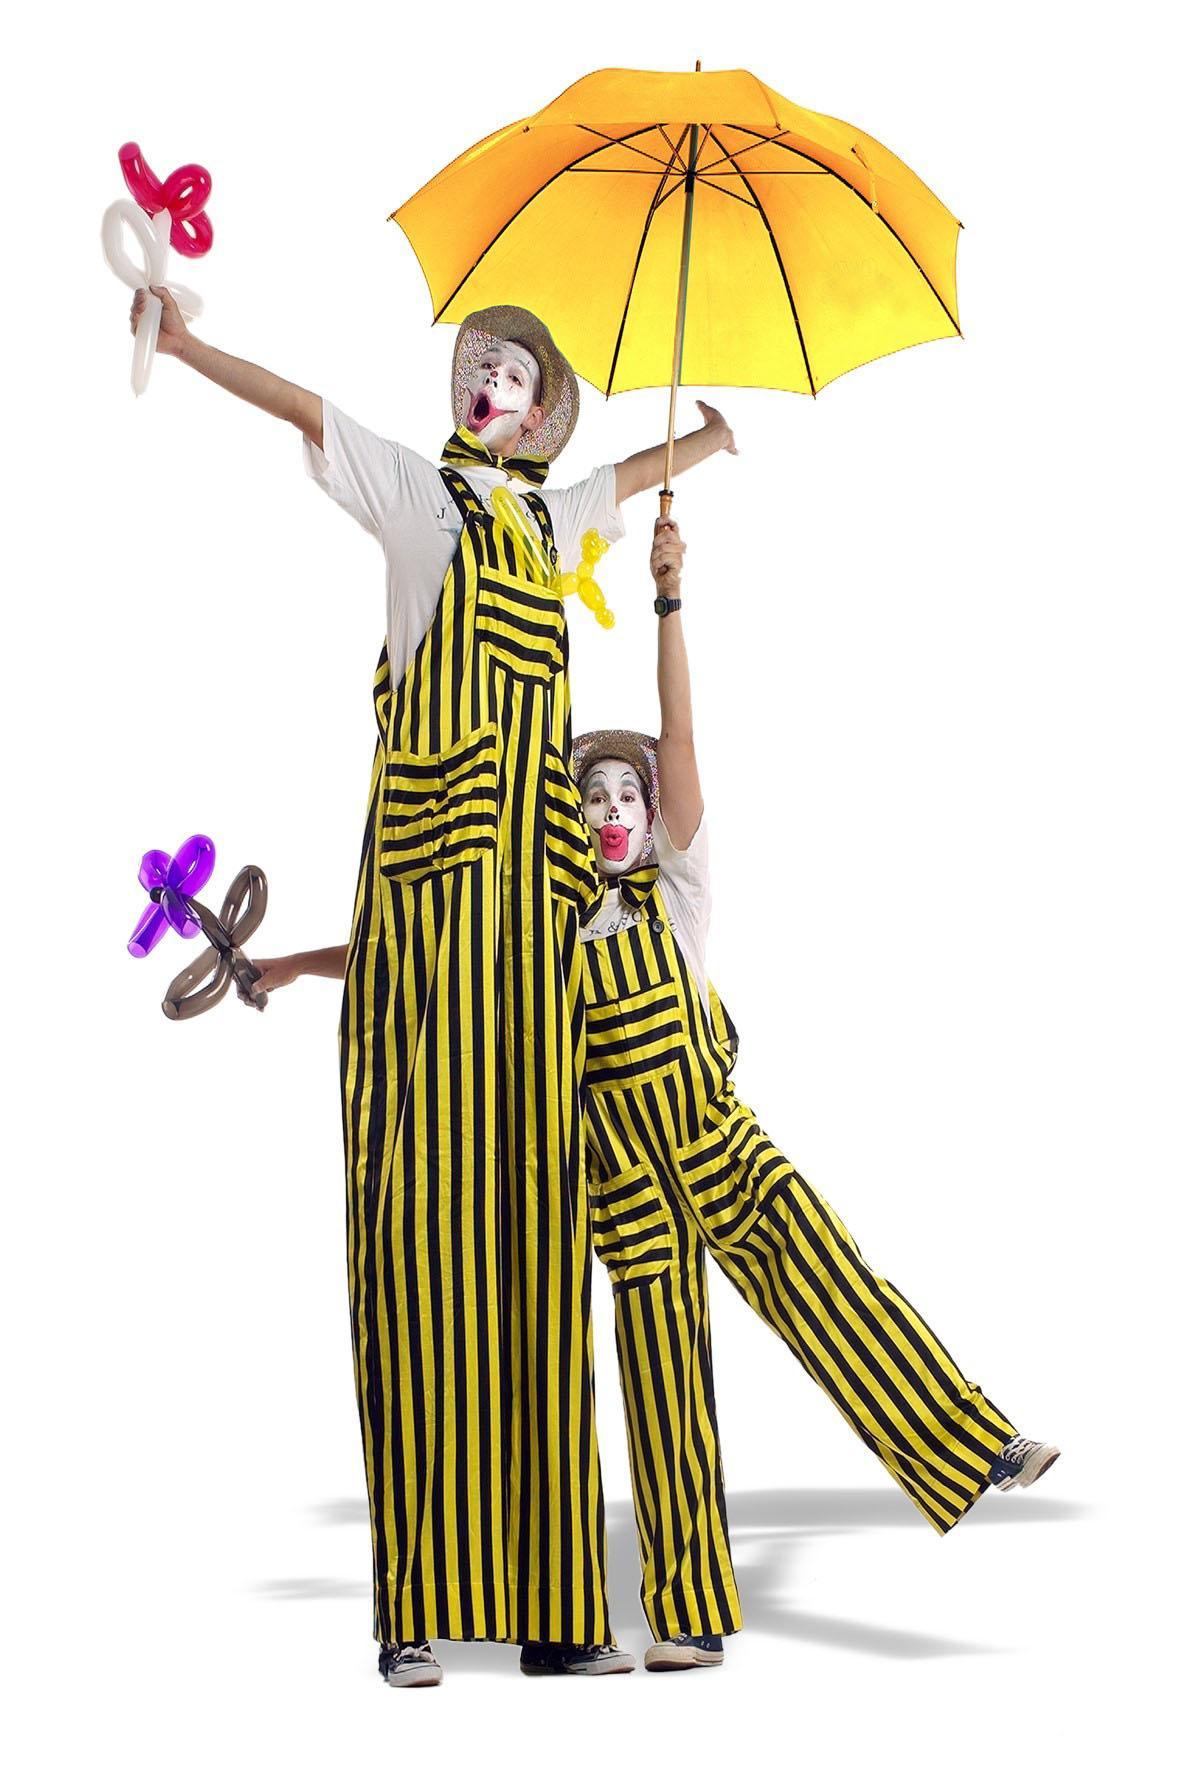 Stelzen-Clowns